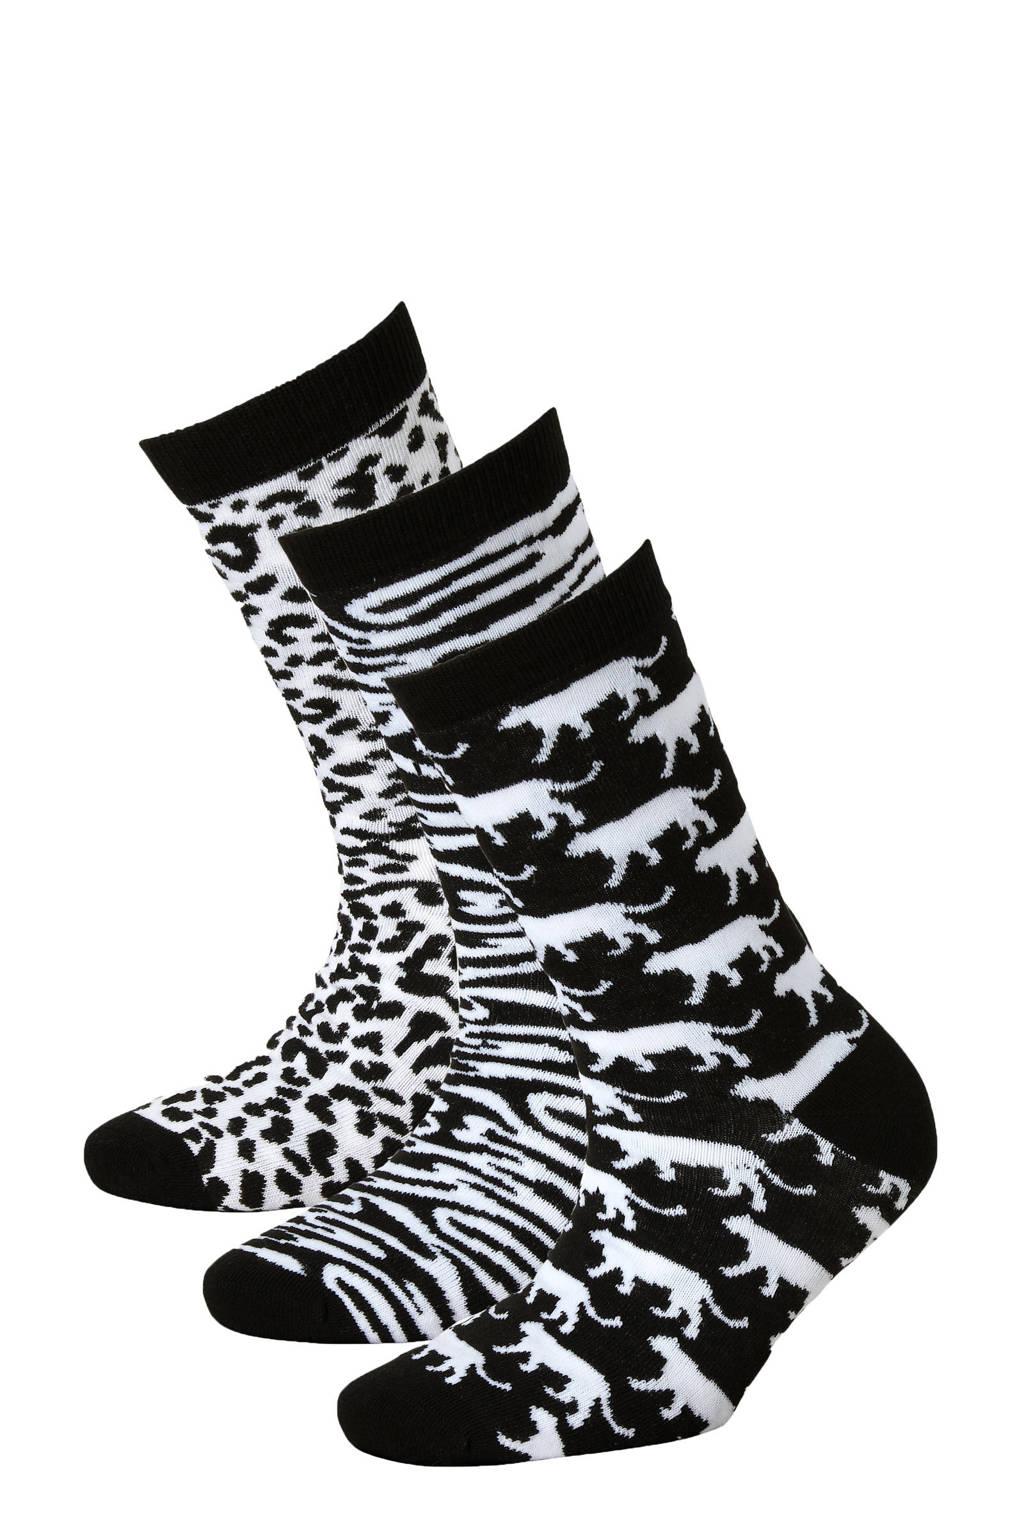 Apollo giftbox sokken - set van 3 zwart/wit, Zwart/wit